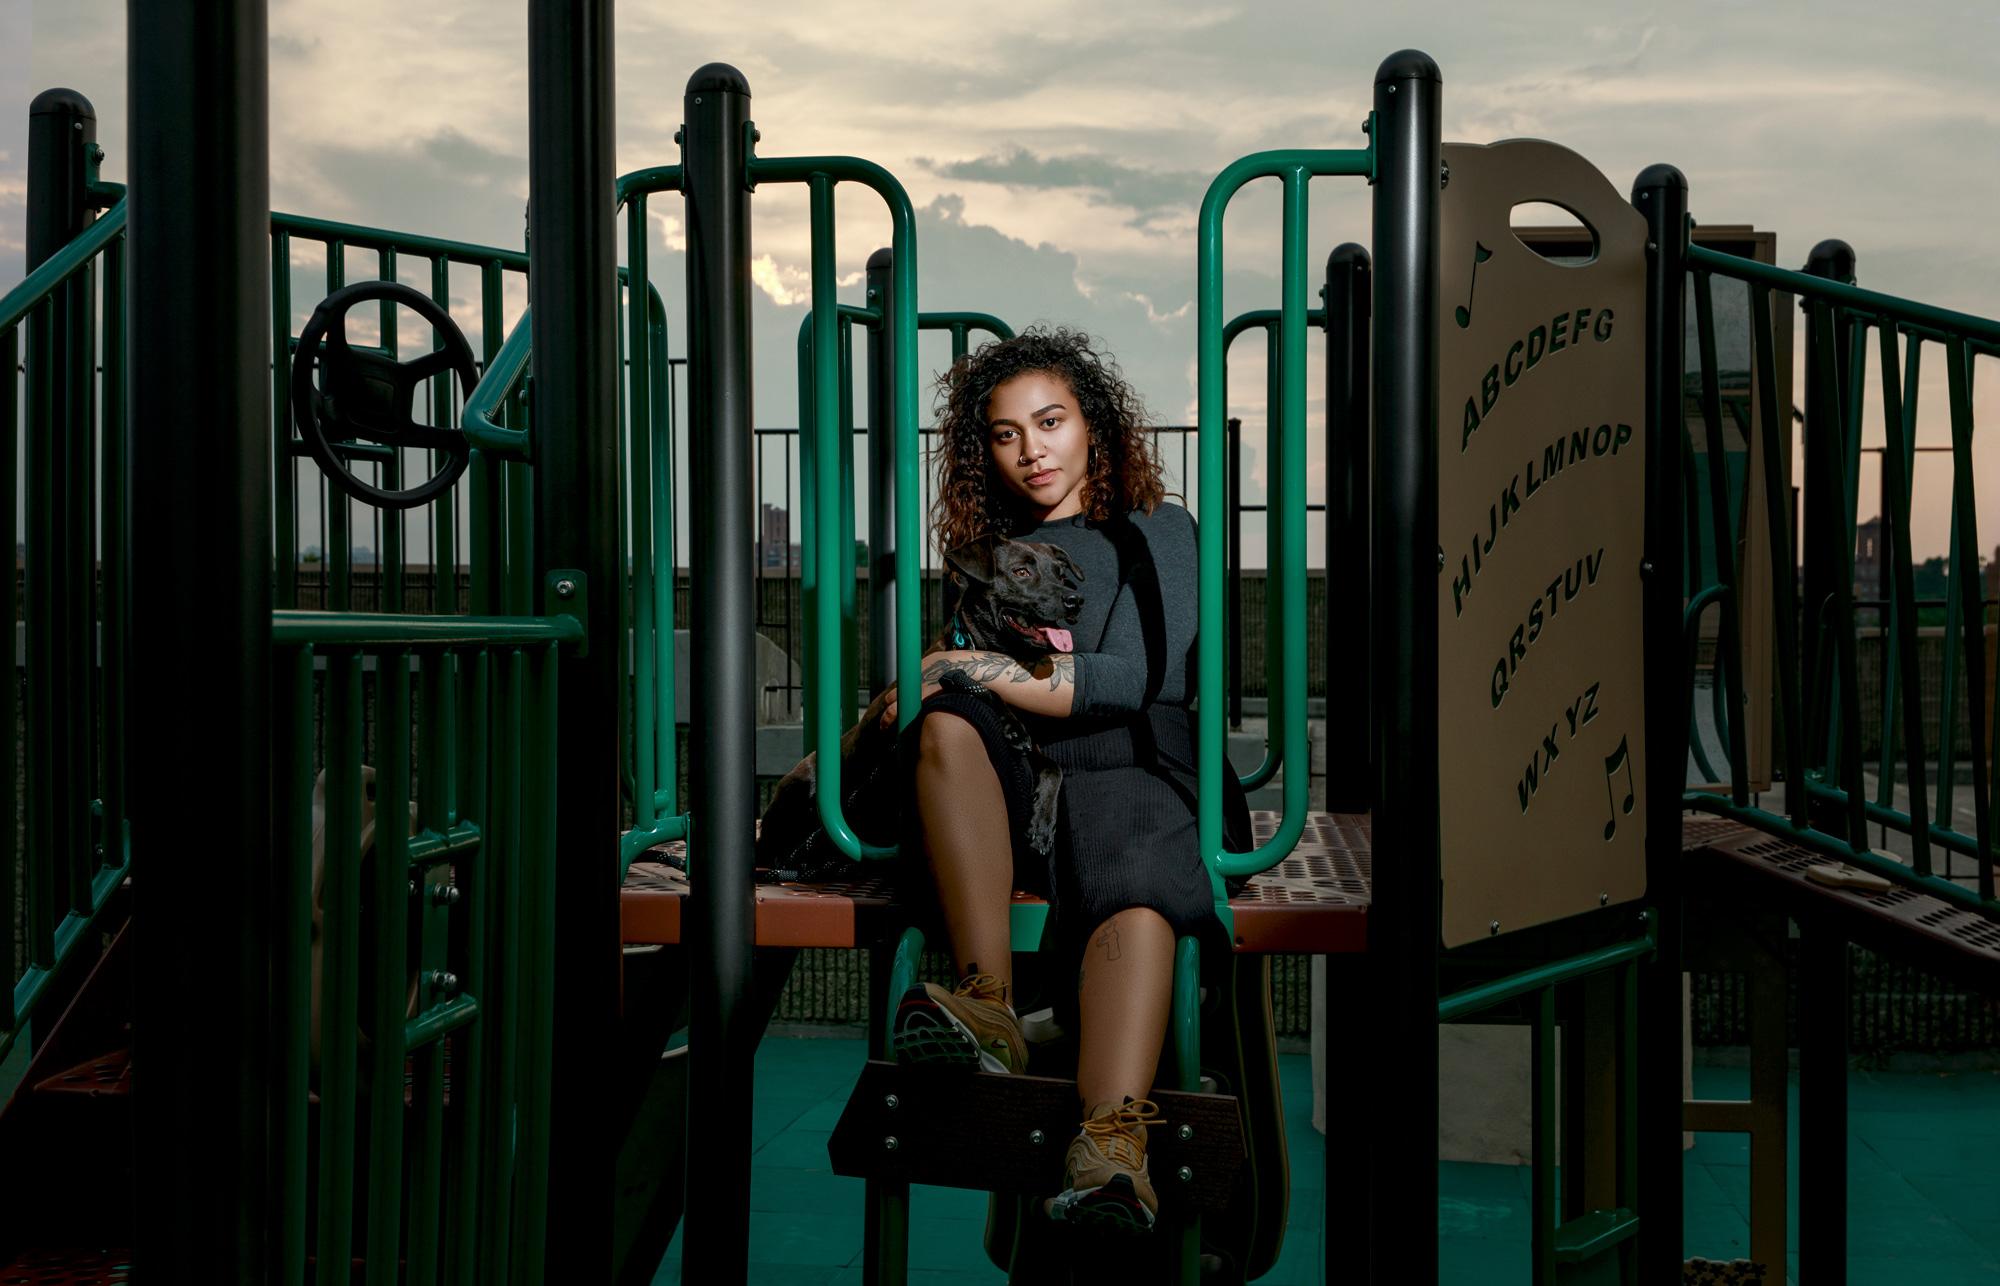 Power in Nuance: Cheyenne Julien